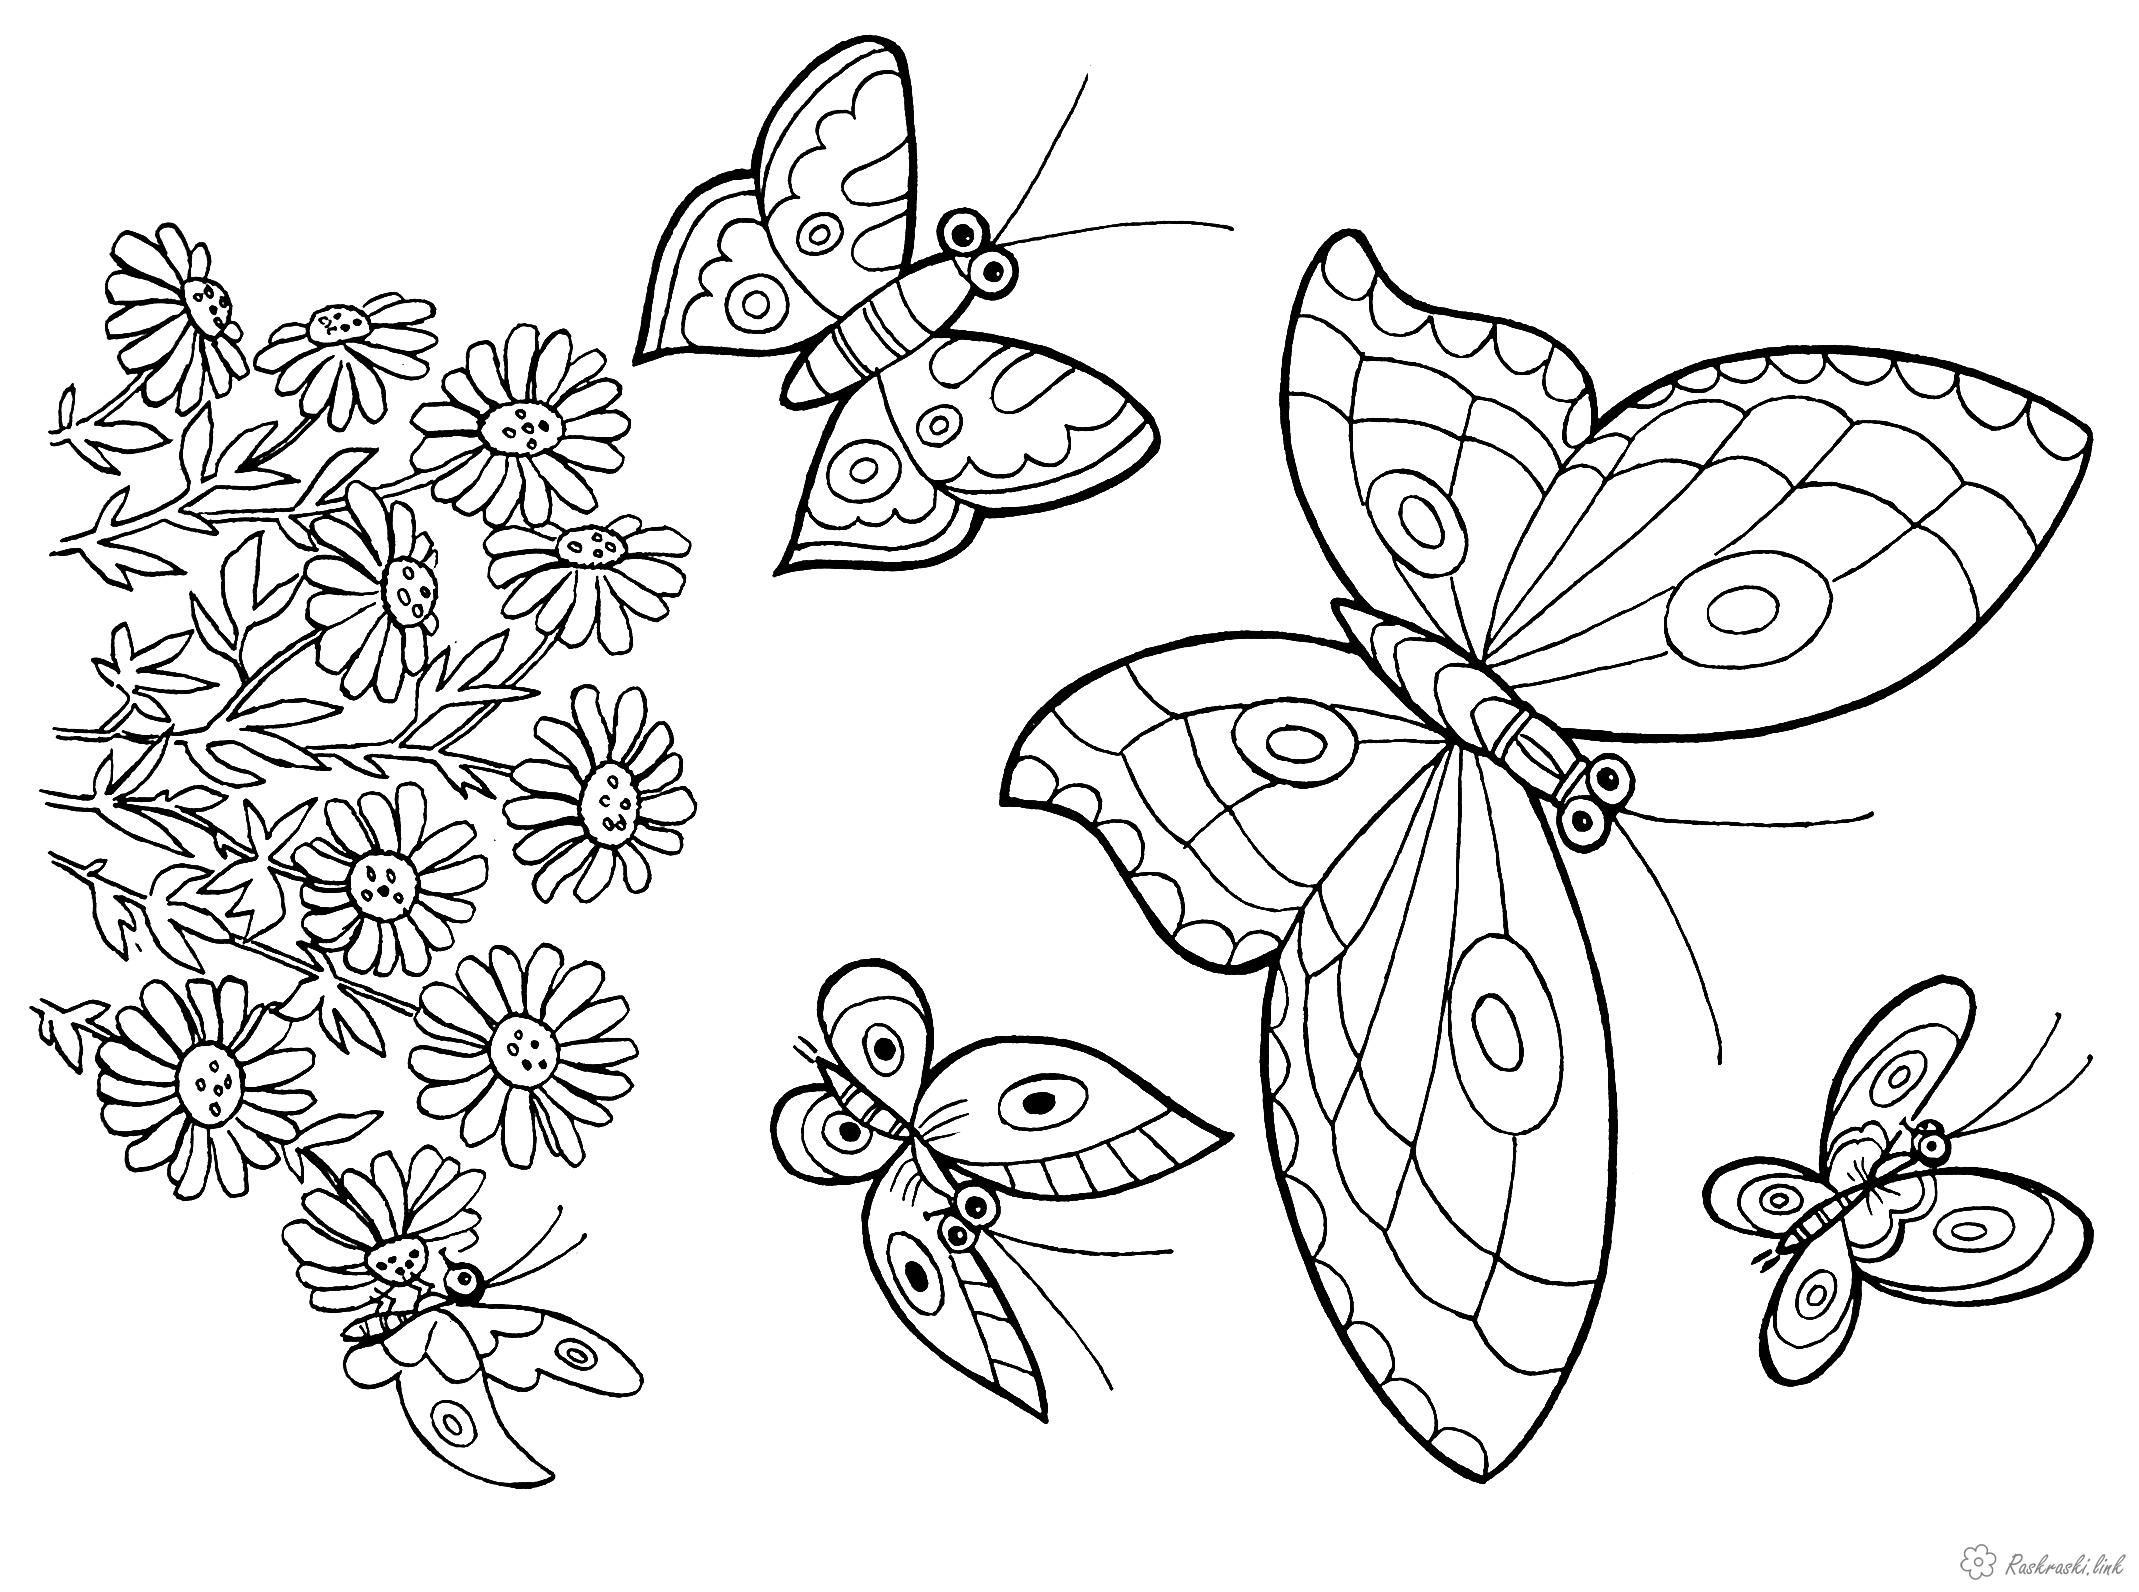 Розмальовки квіти Дитяча розфарбування, квіточки і багато метеликів